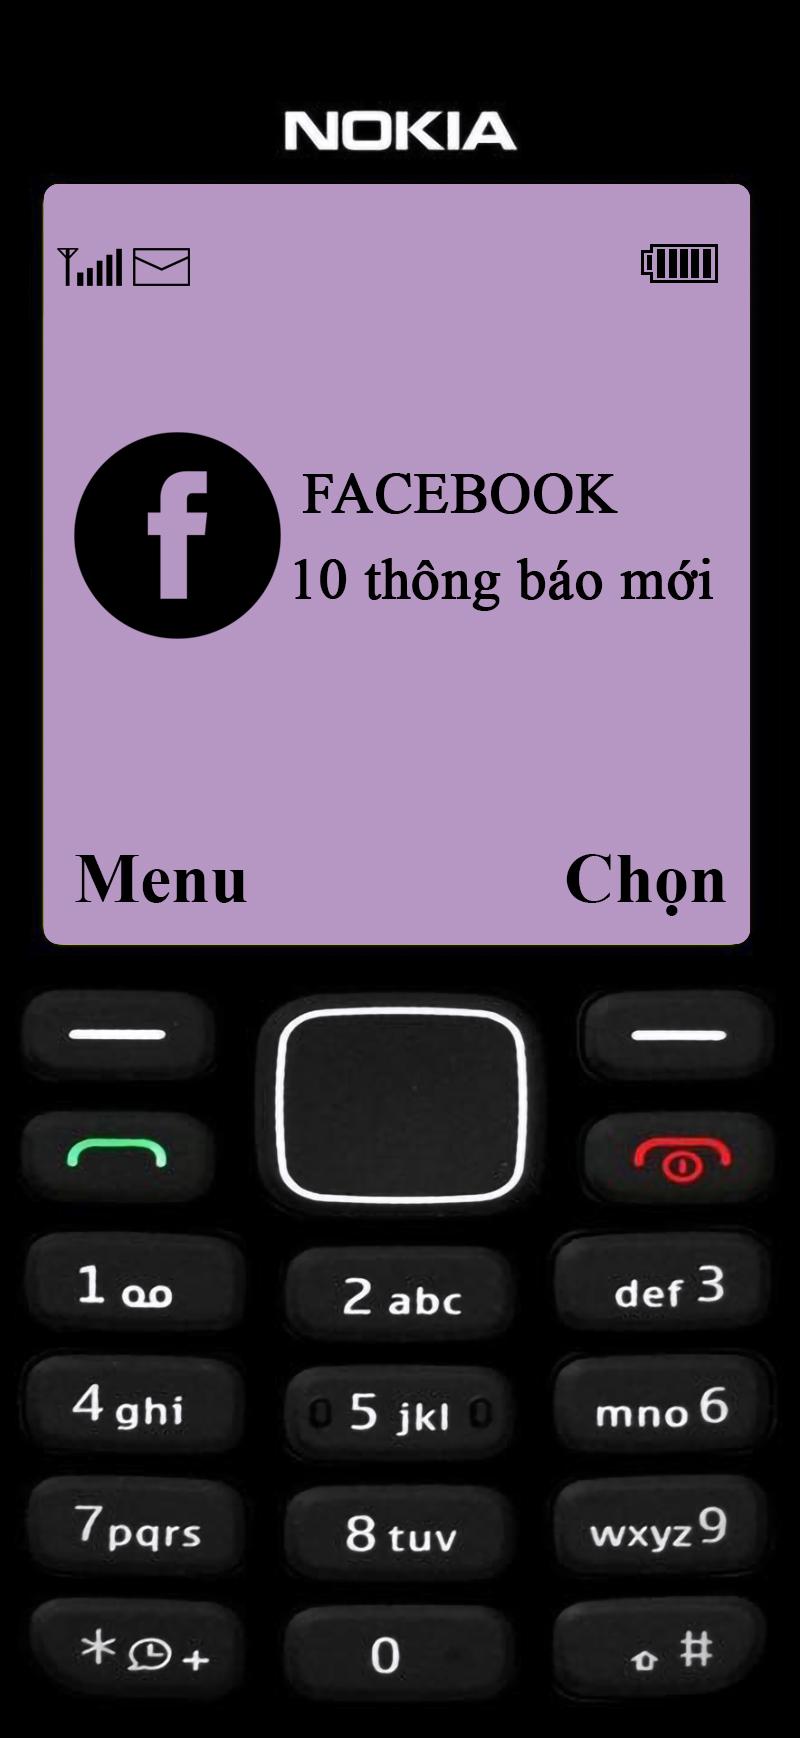 hinh nen dien thoai nokia 1280 logo facebook 2